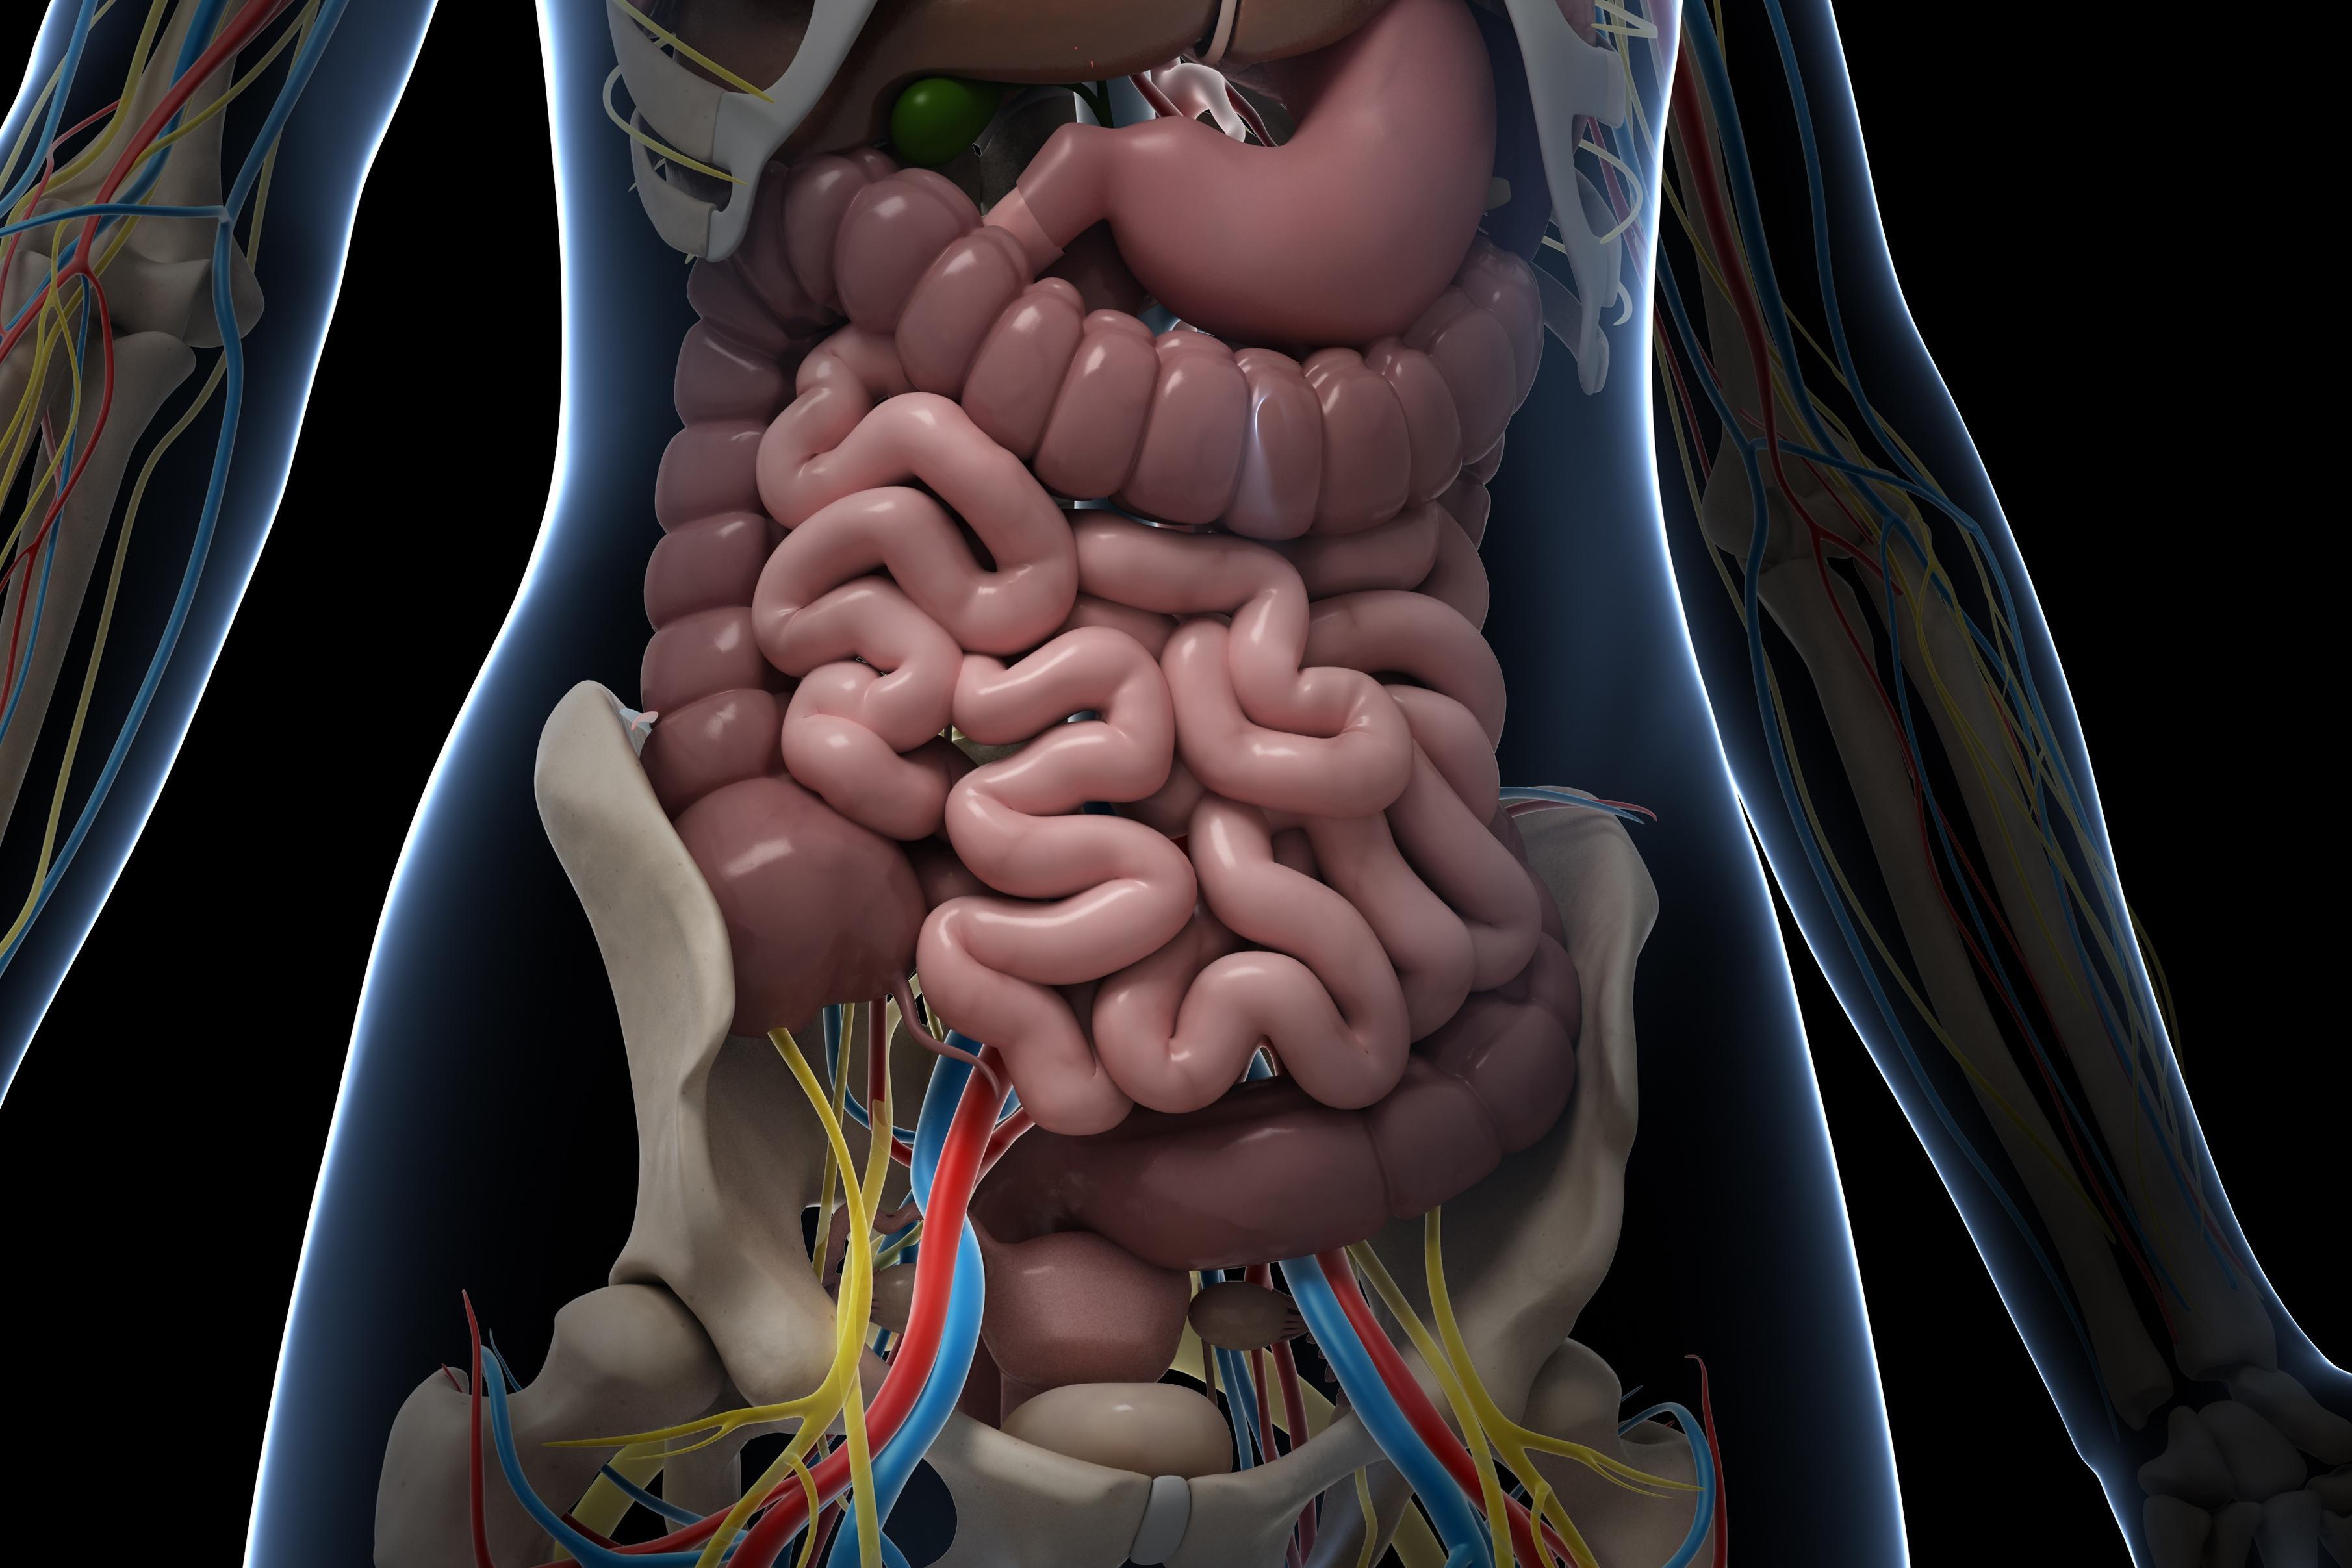 Új szervet azonosítottak az emberben